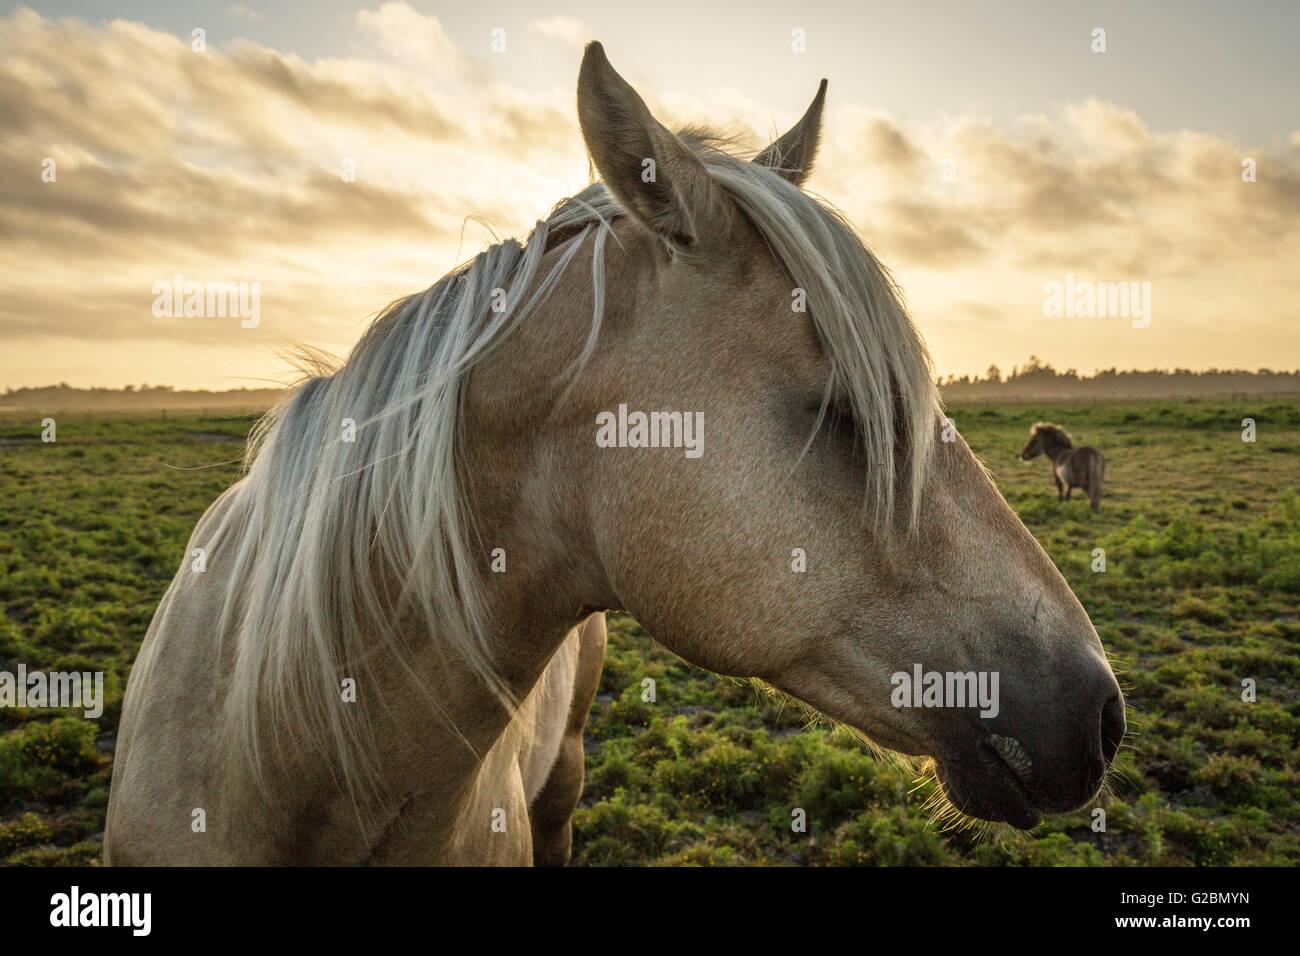 Profil von einem Pferd, close-up, mit einem Mini-Pferd im Hintergrund. Stockbild